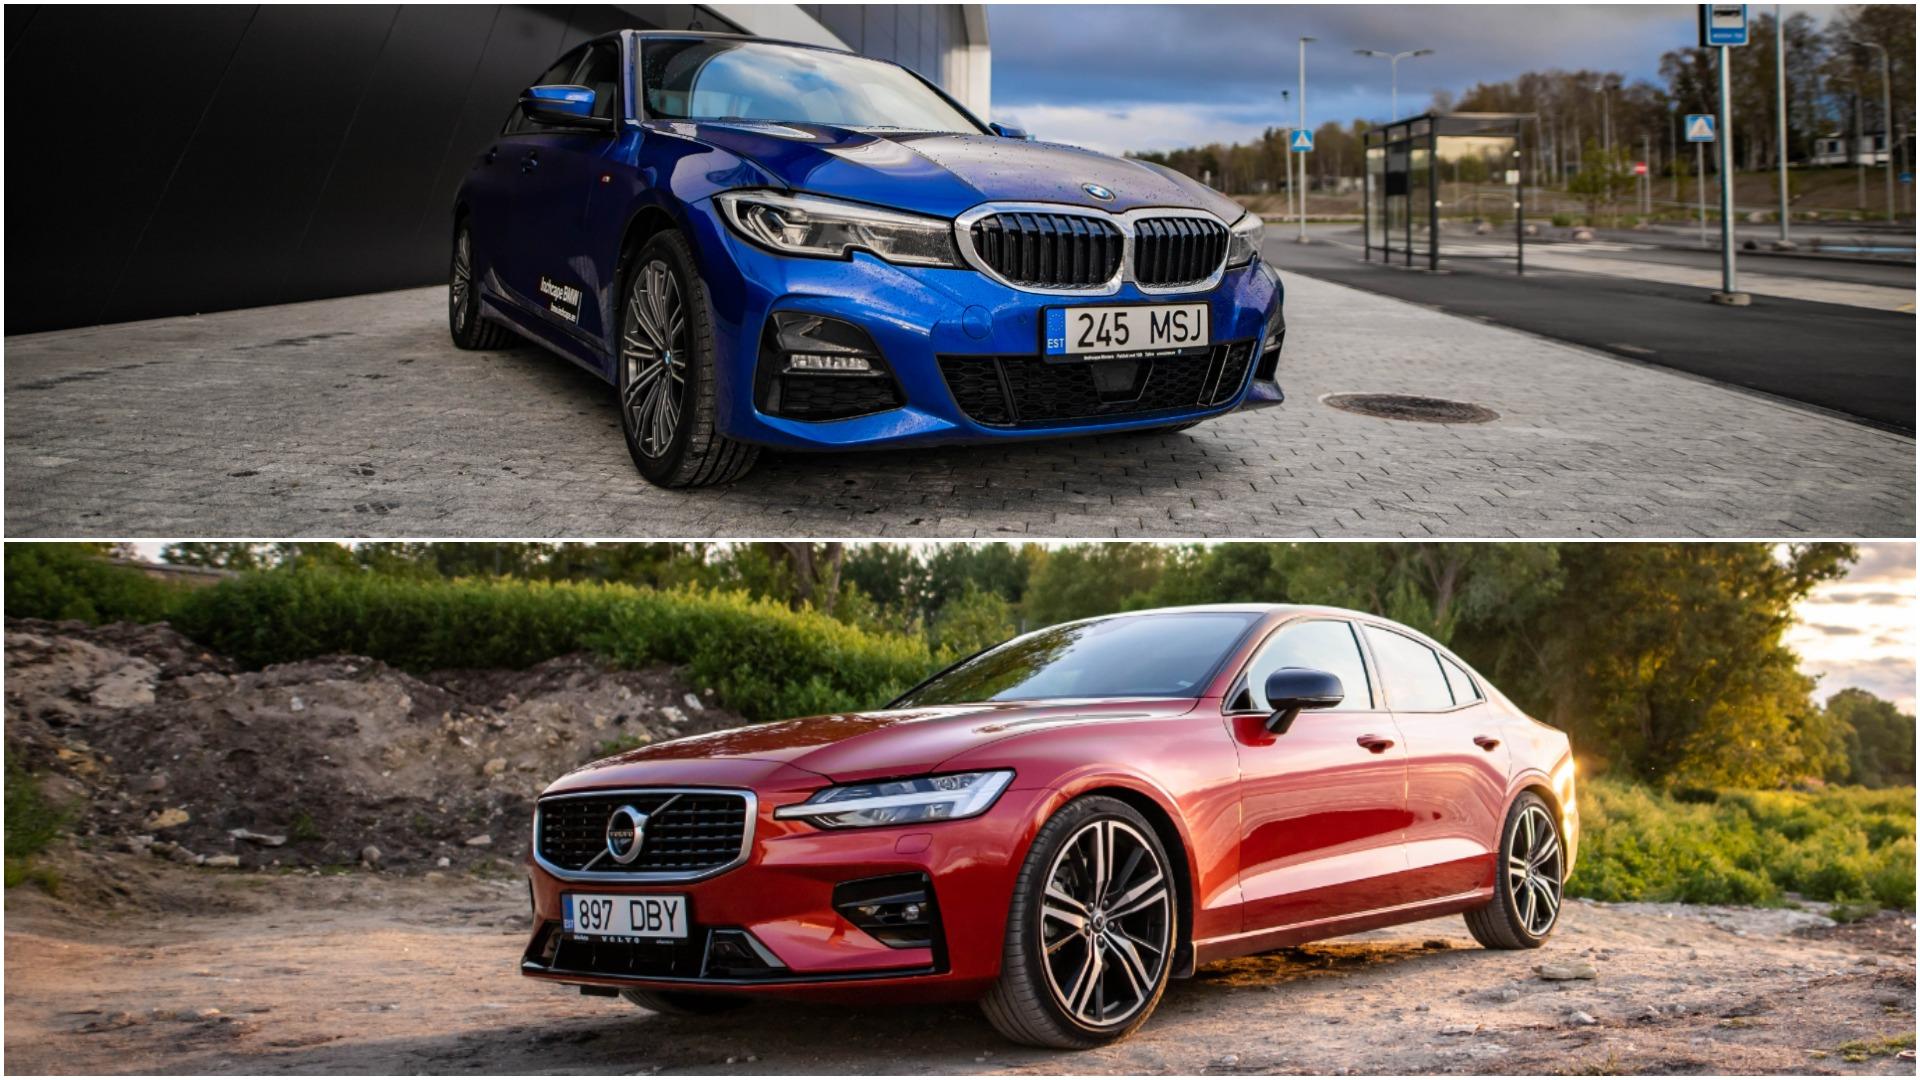 Volvo S60 või BMW 3. seeria: võiduks piisab selles testis ainult ühest asjast